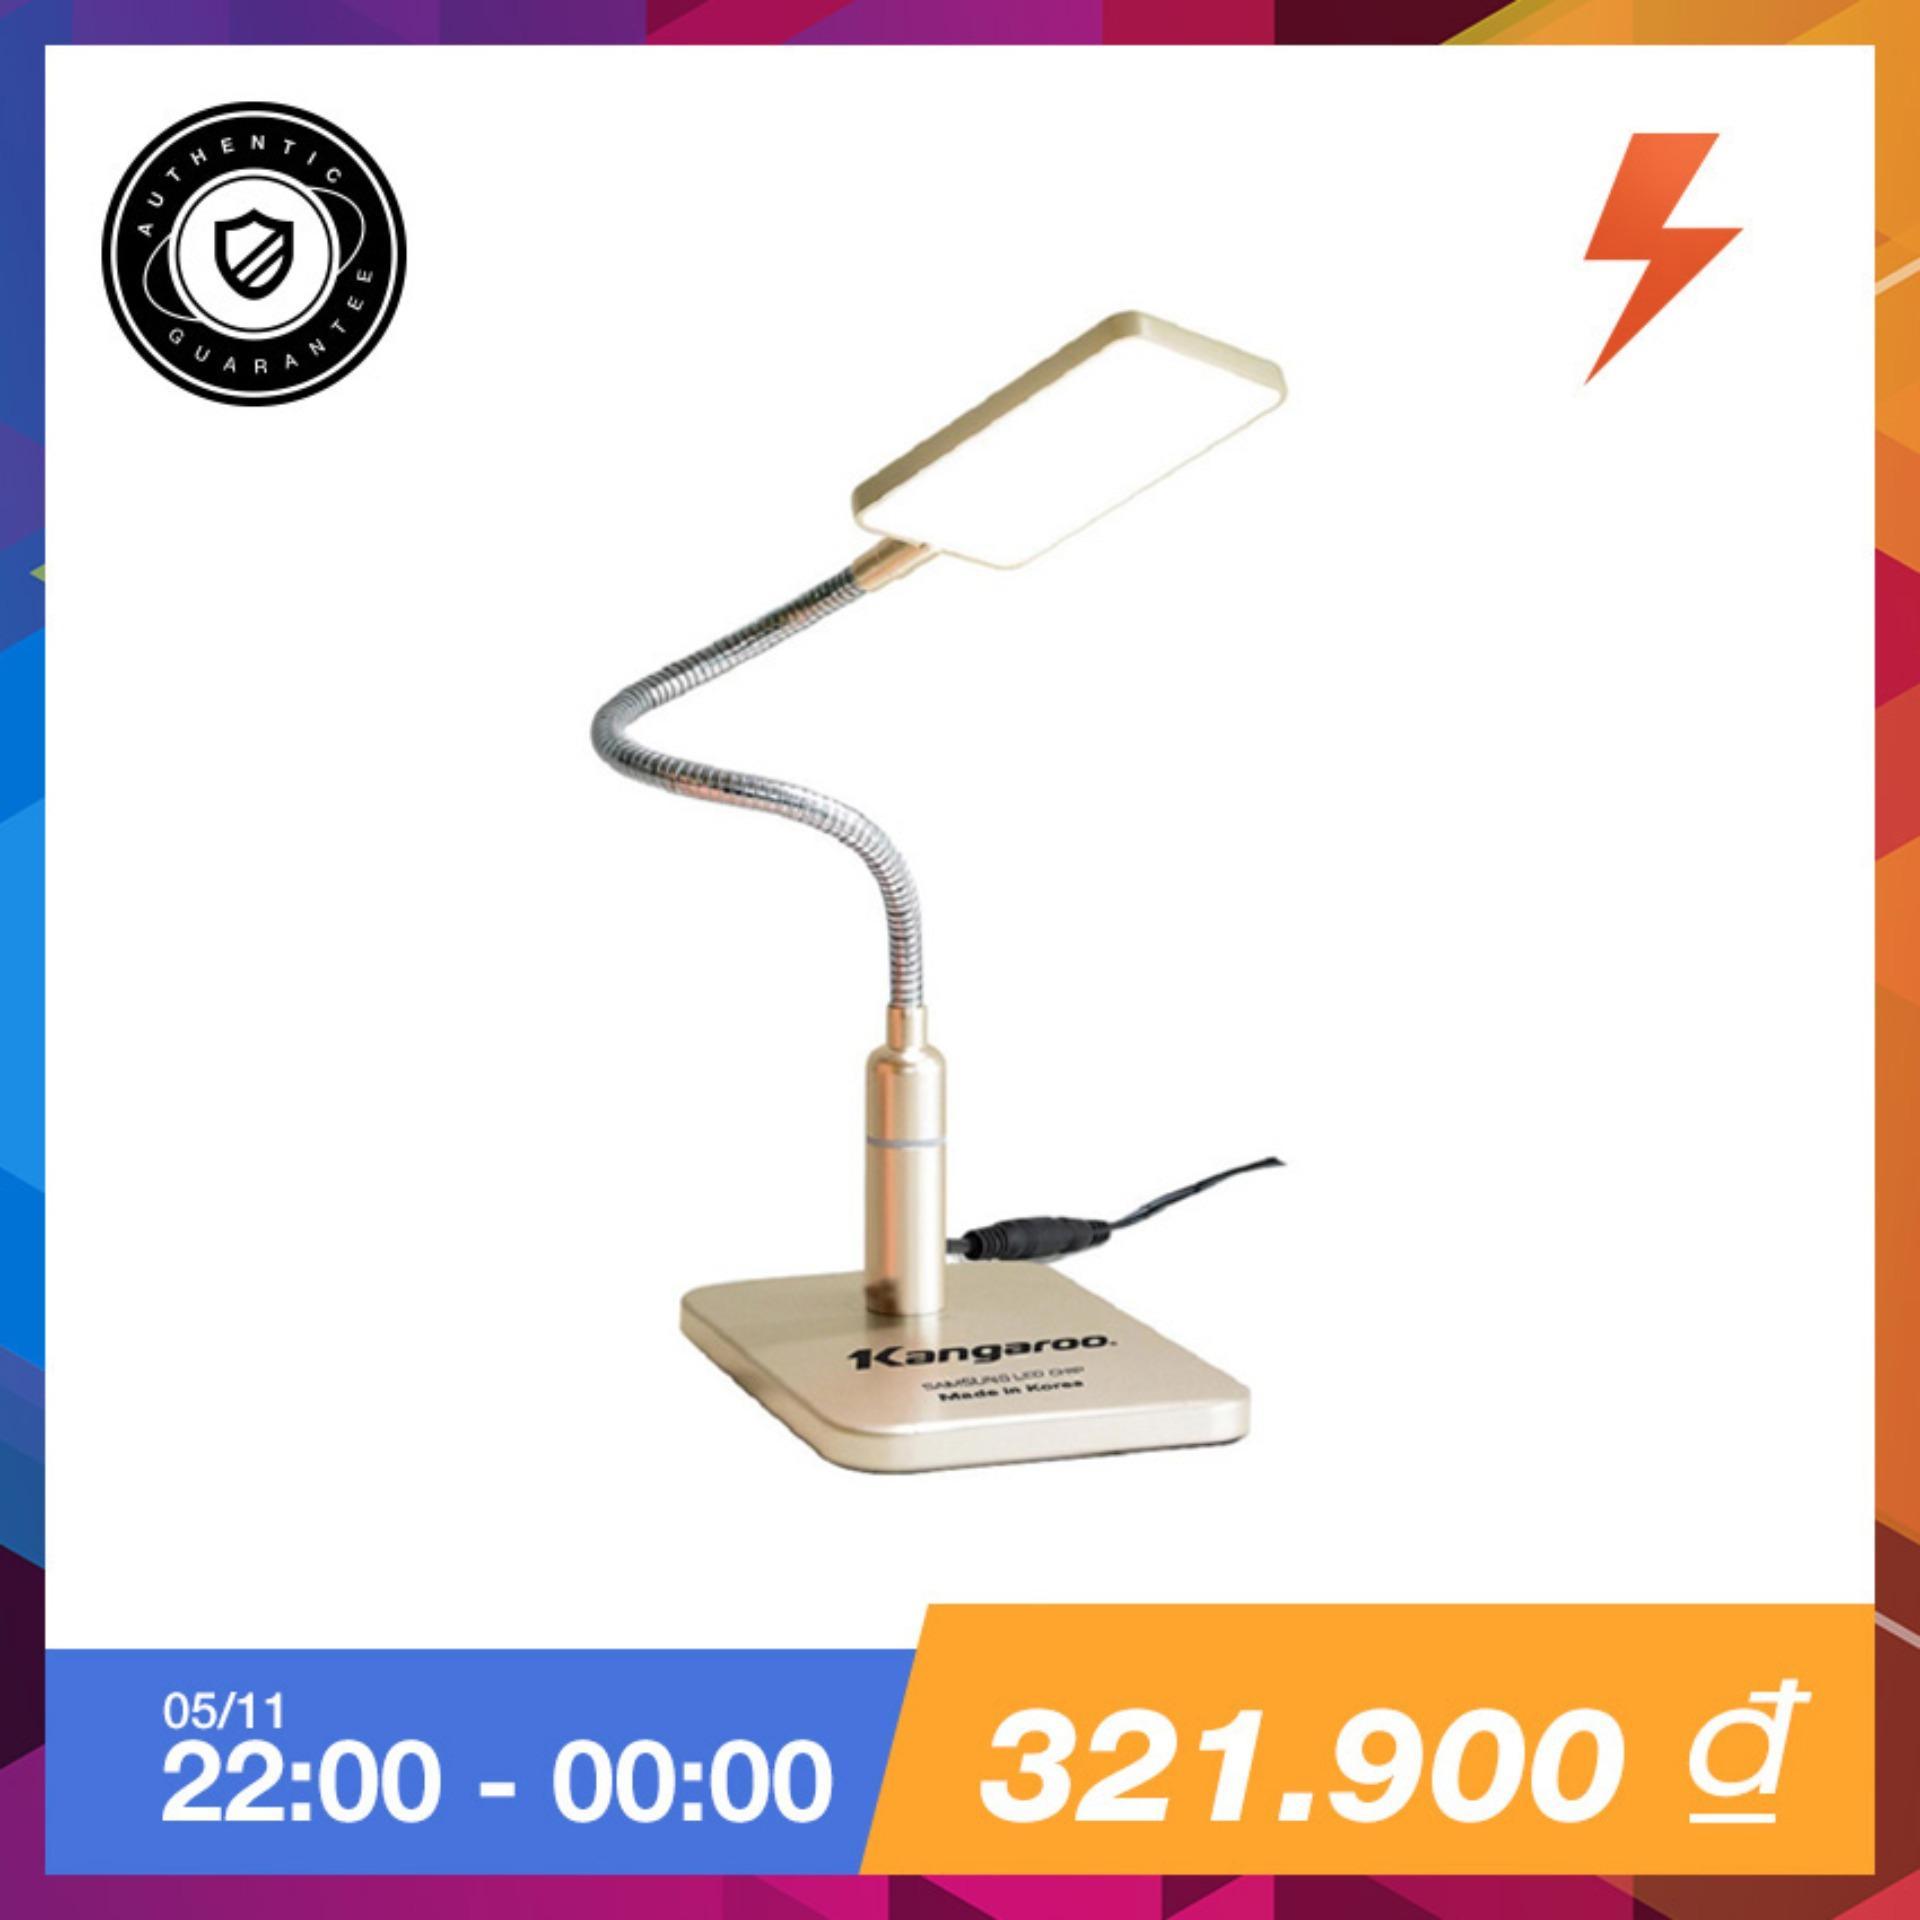 Đèn bàn Philips PEAR (Xanh lá) + Tặng bóng đèn Ecobright ledbulb Philips 6W